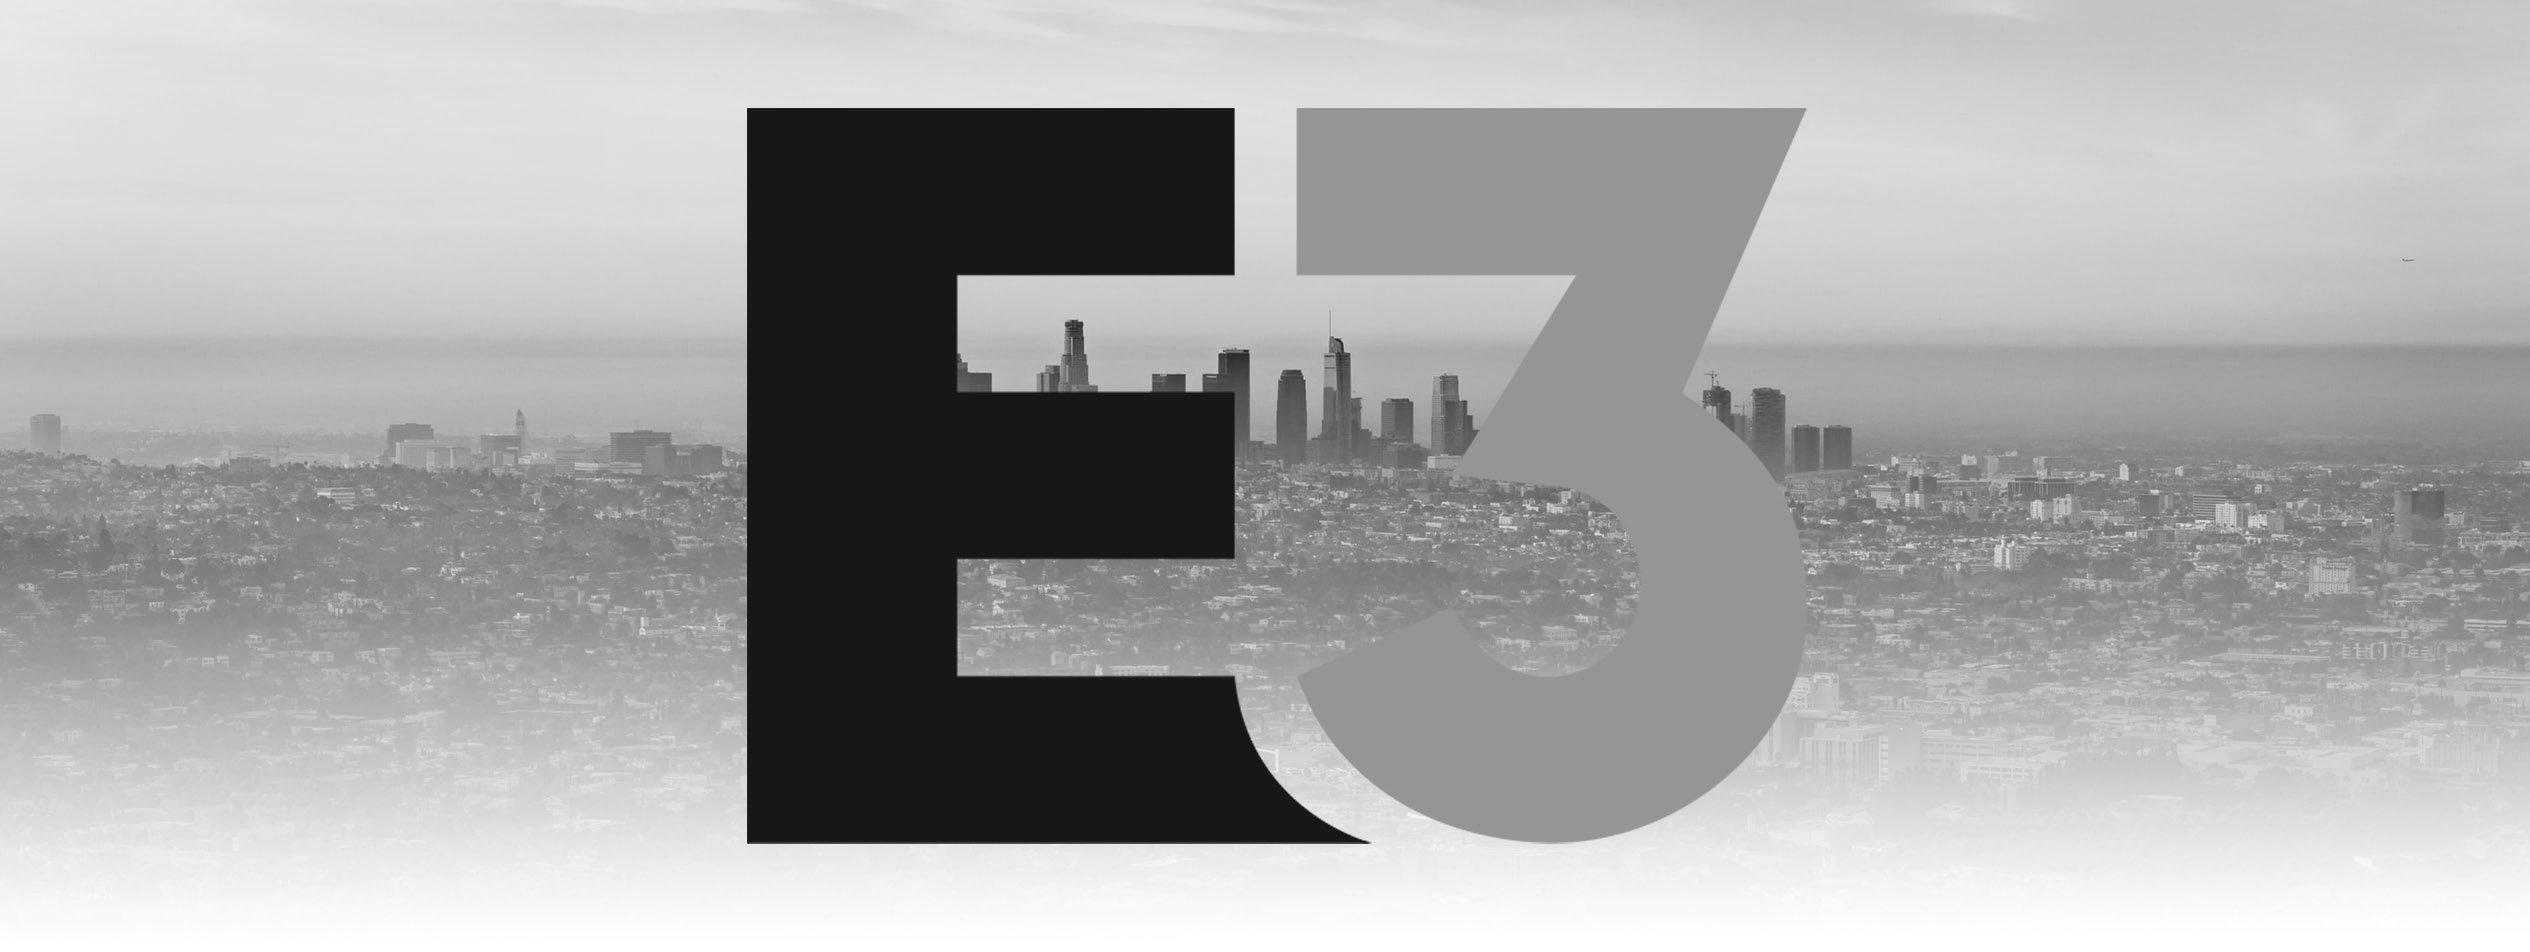 Officiellt: E3 ställs in på grund av coronaviruset